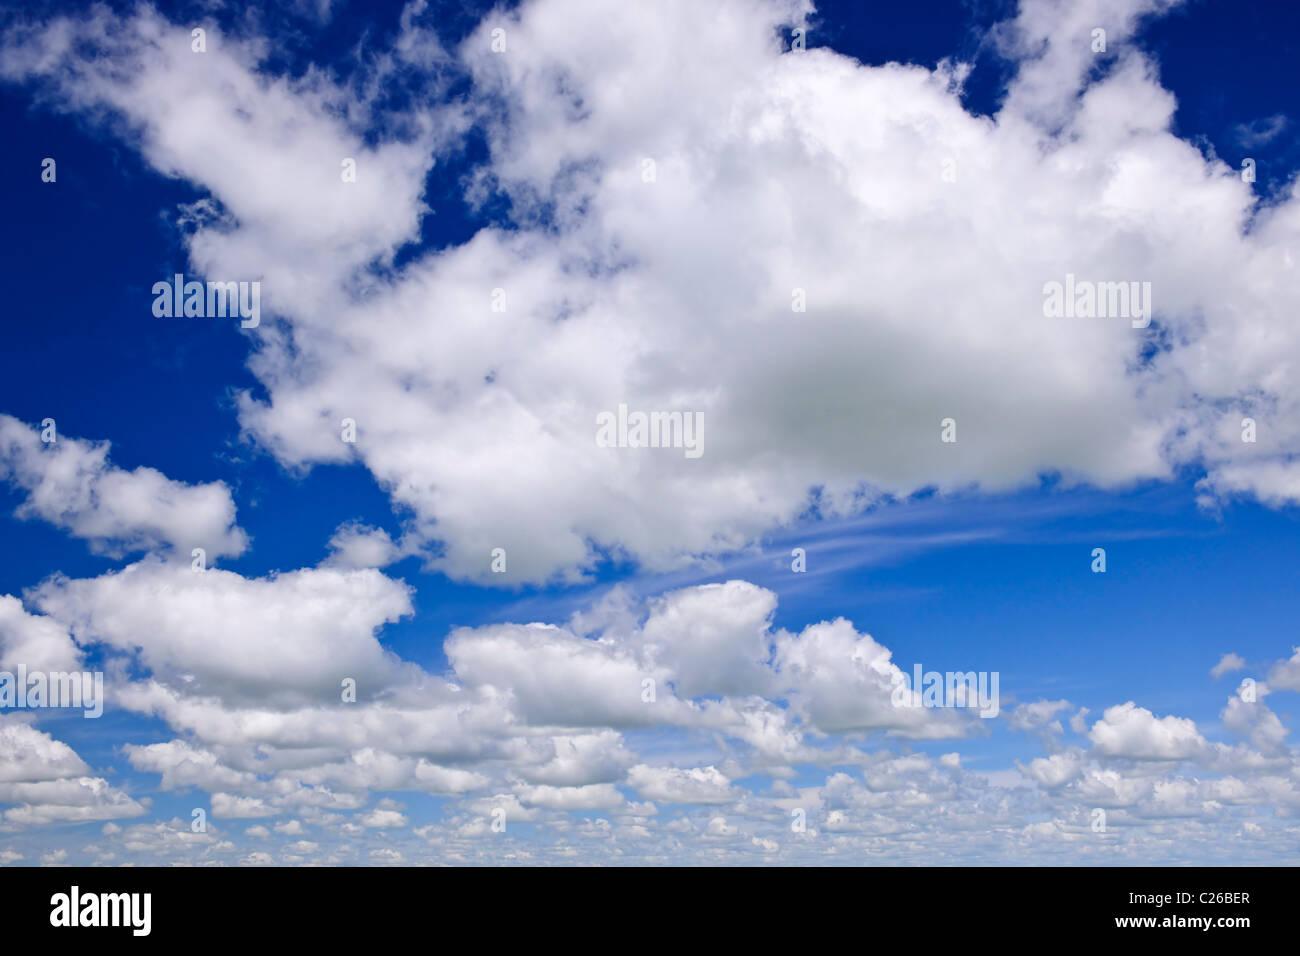 Hintergrund des blauen Himmels mit weißen Cumulus-Wolken Stockbild